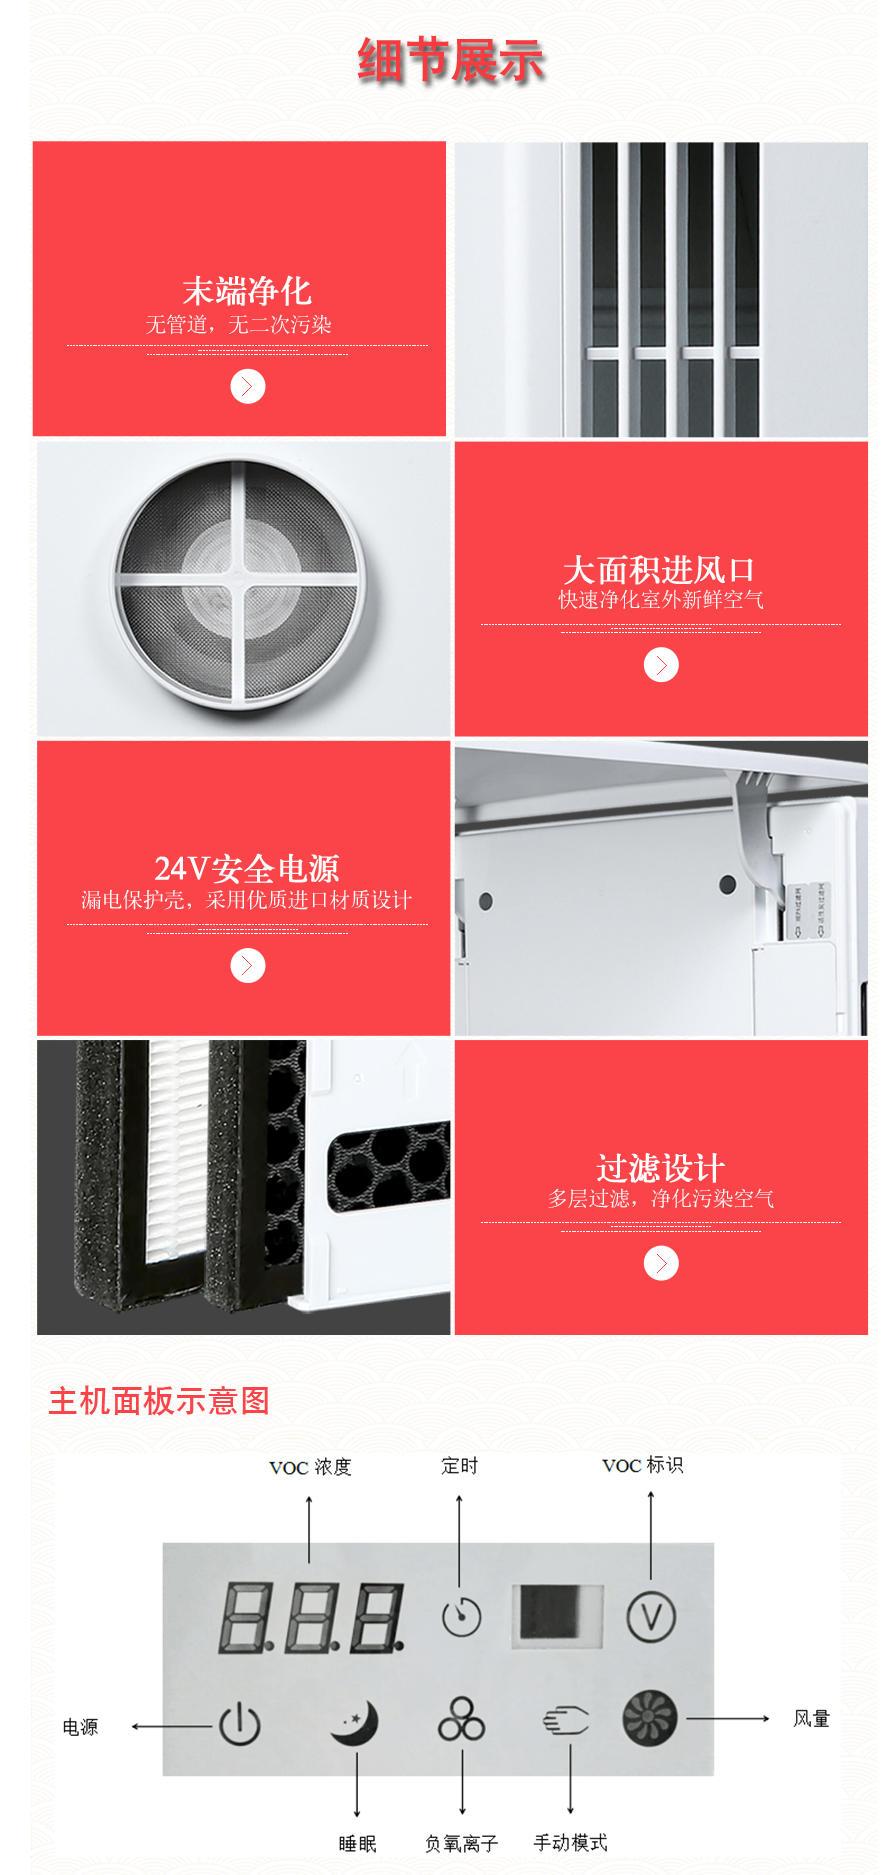 建源JY-JXB-120系列壁挂新风系统产品详情页11